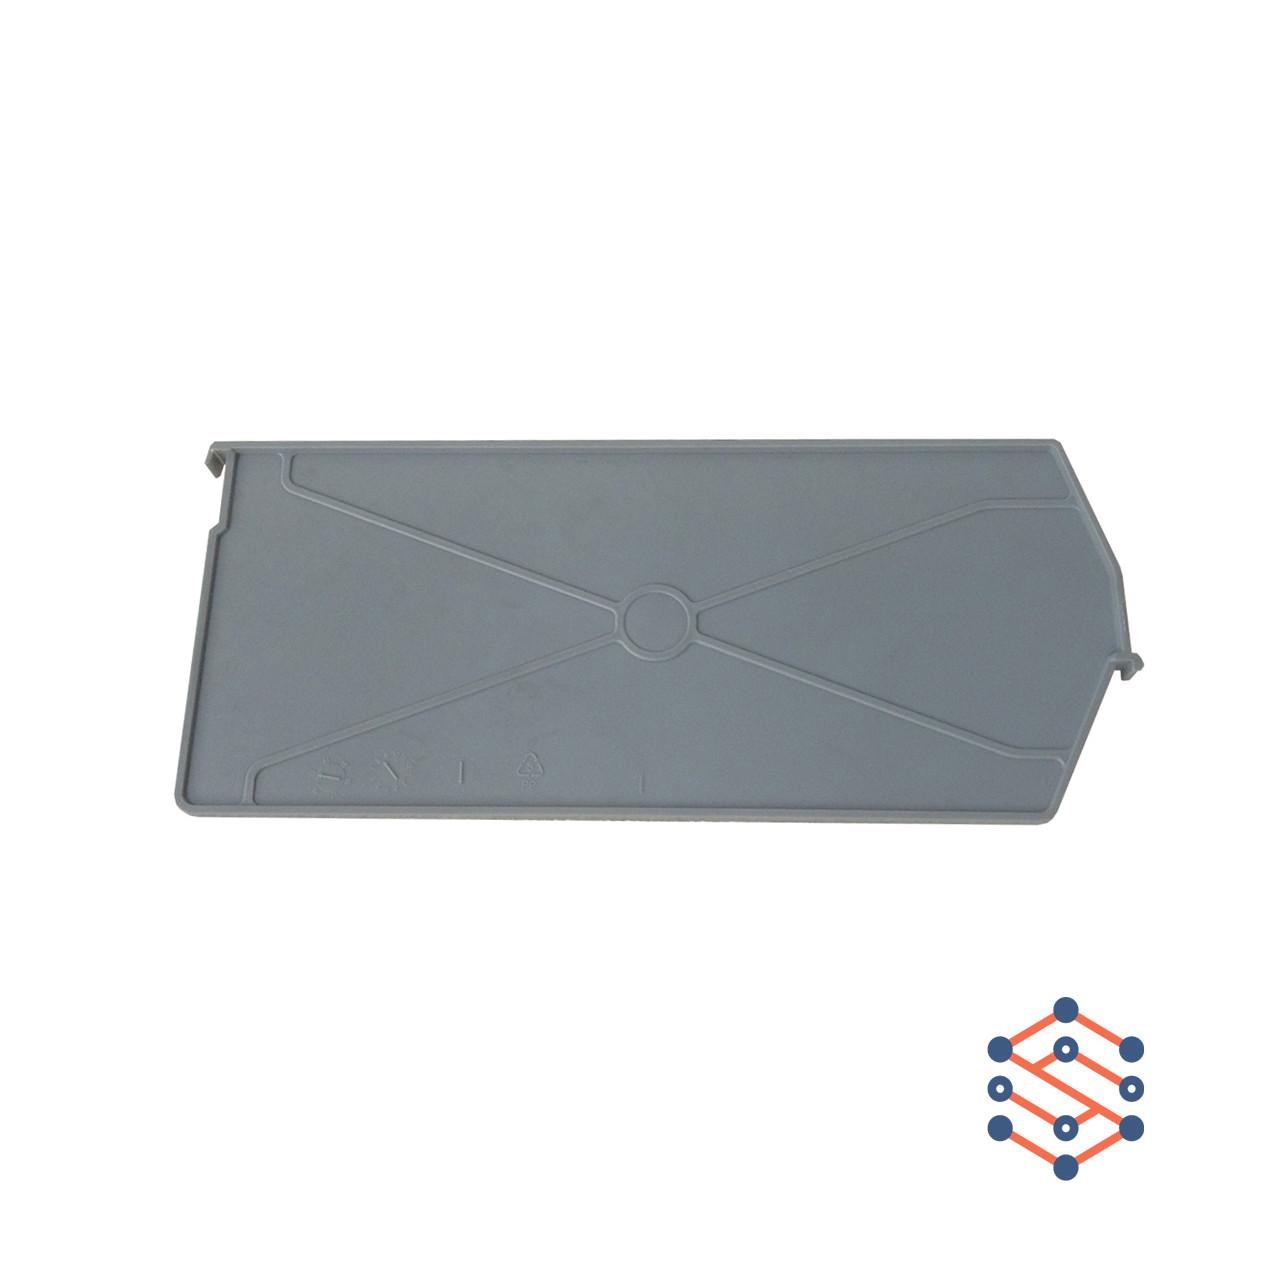 Перегородка разделительная по длине для лотка 12.406 (480х190 мм)